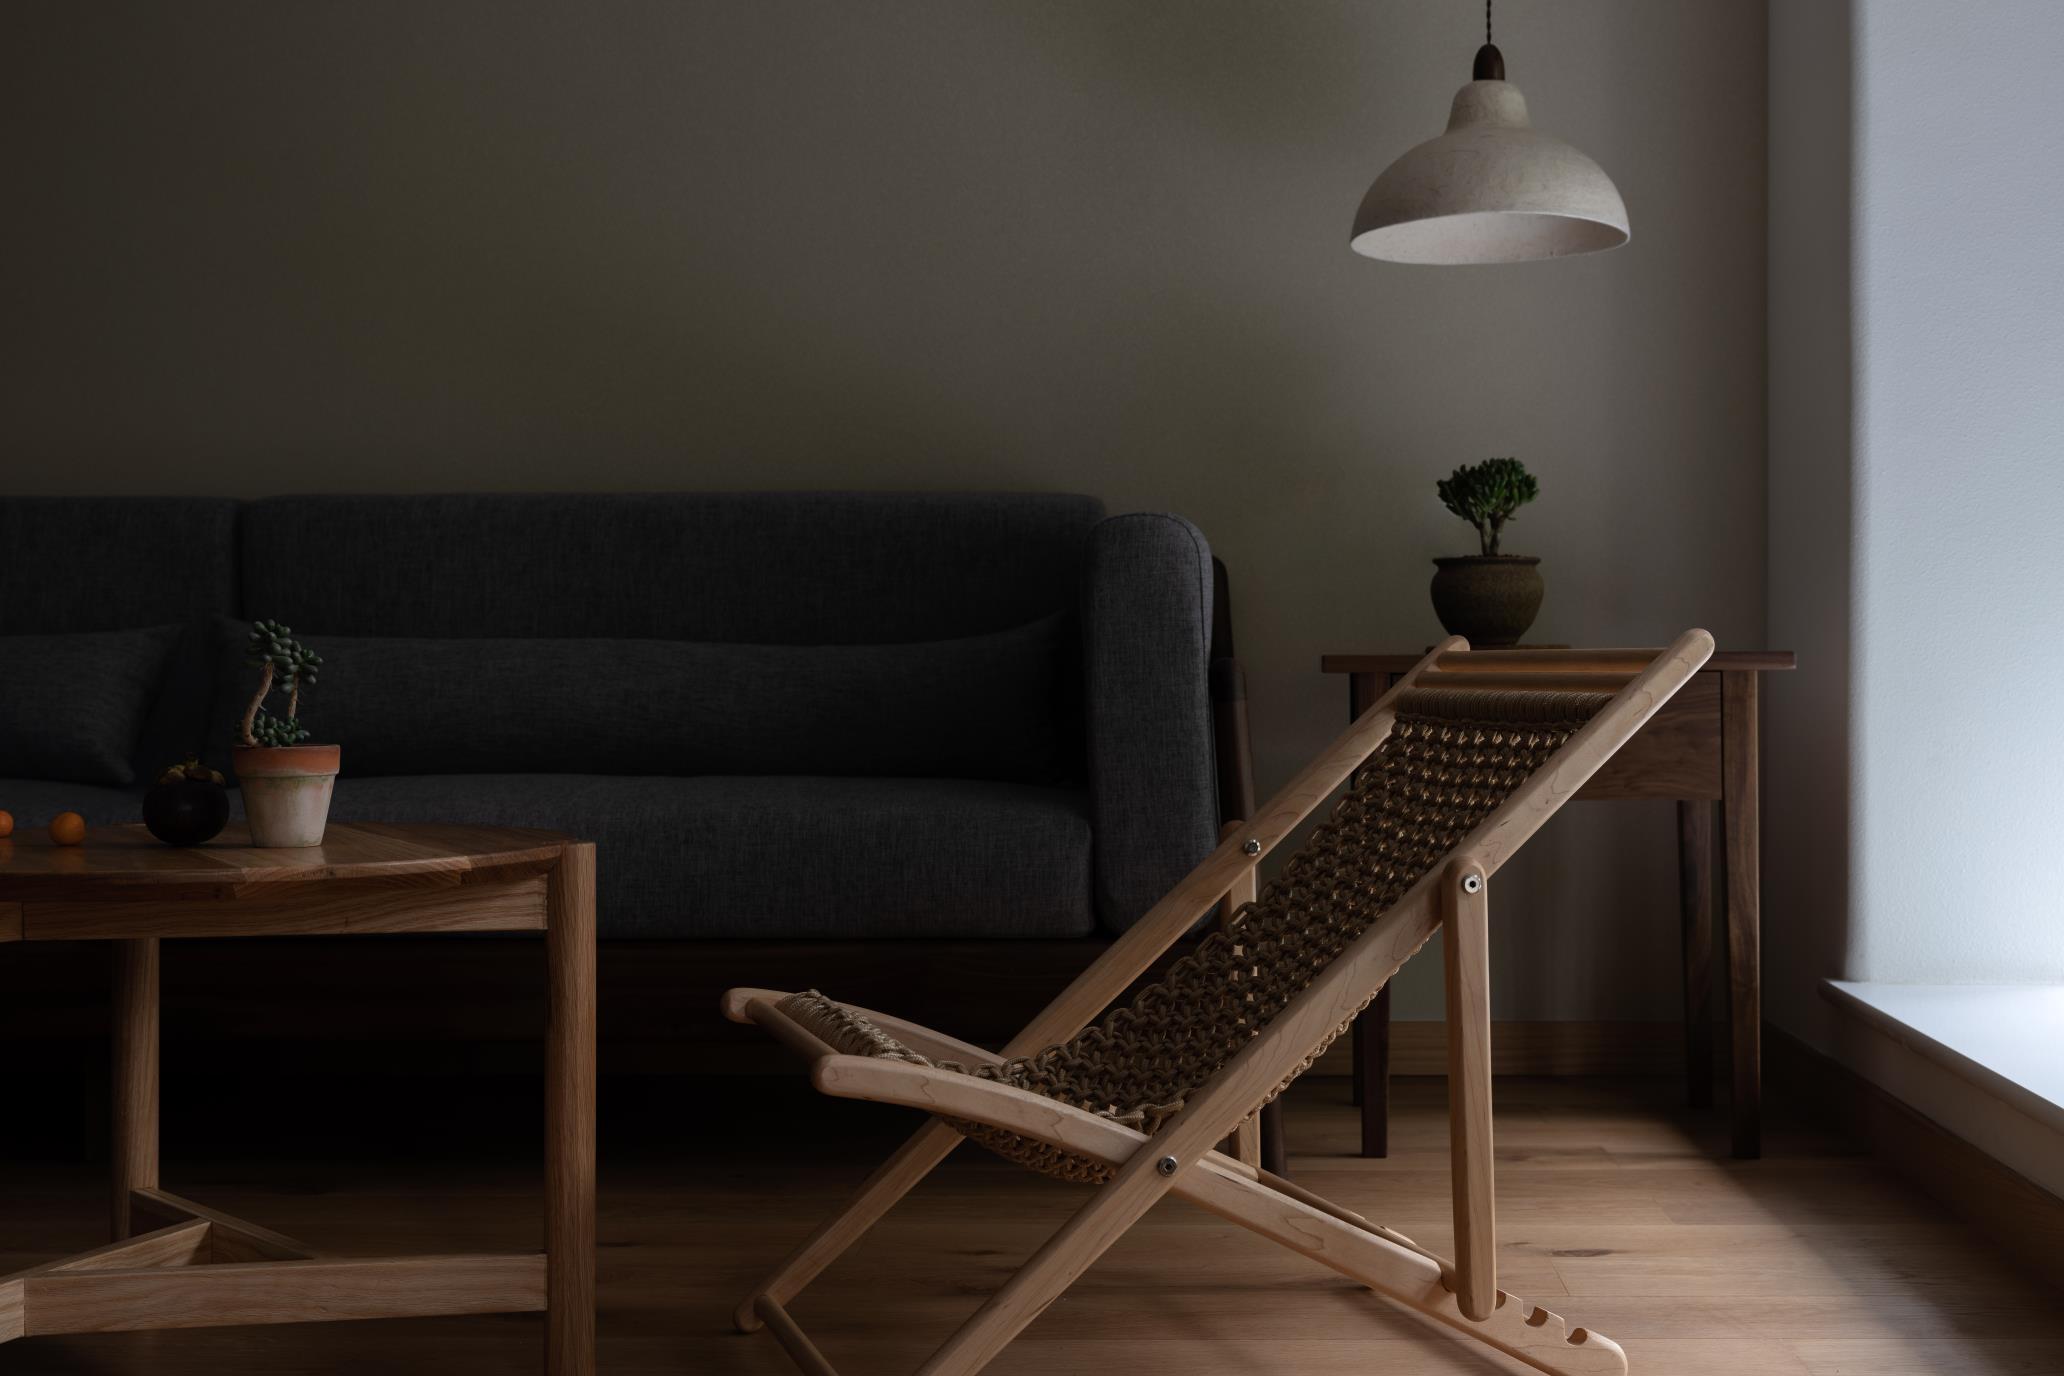 100㎡自然简约风装修休闲躺椅设计